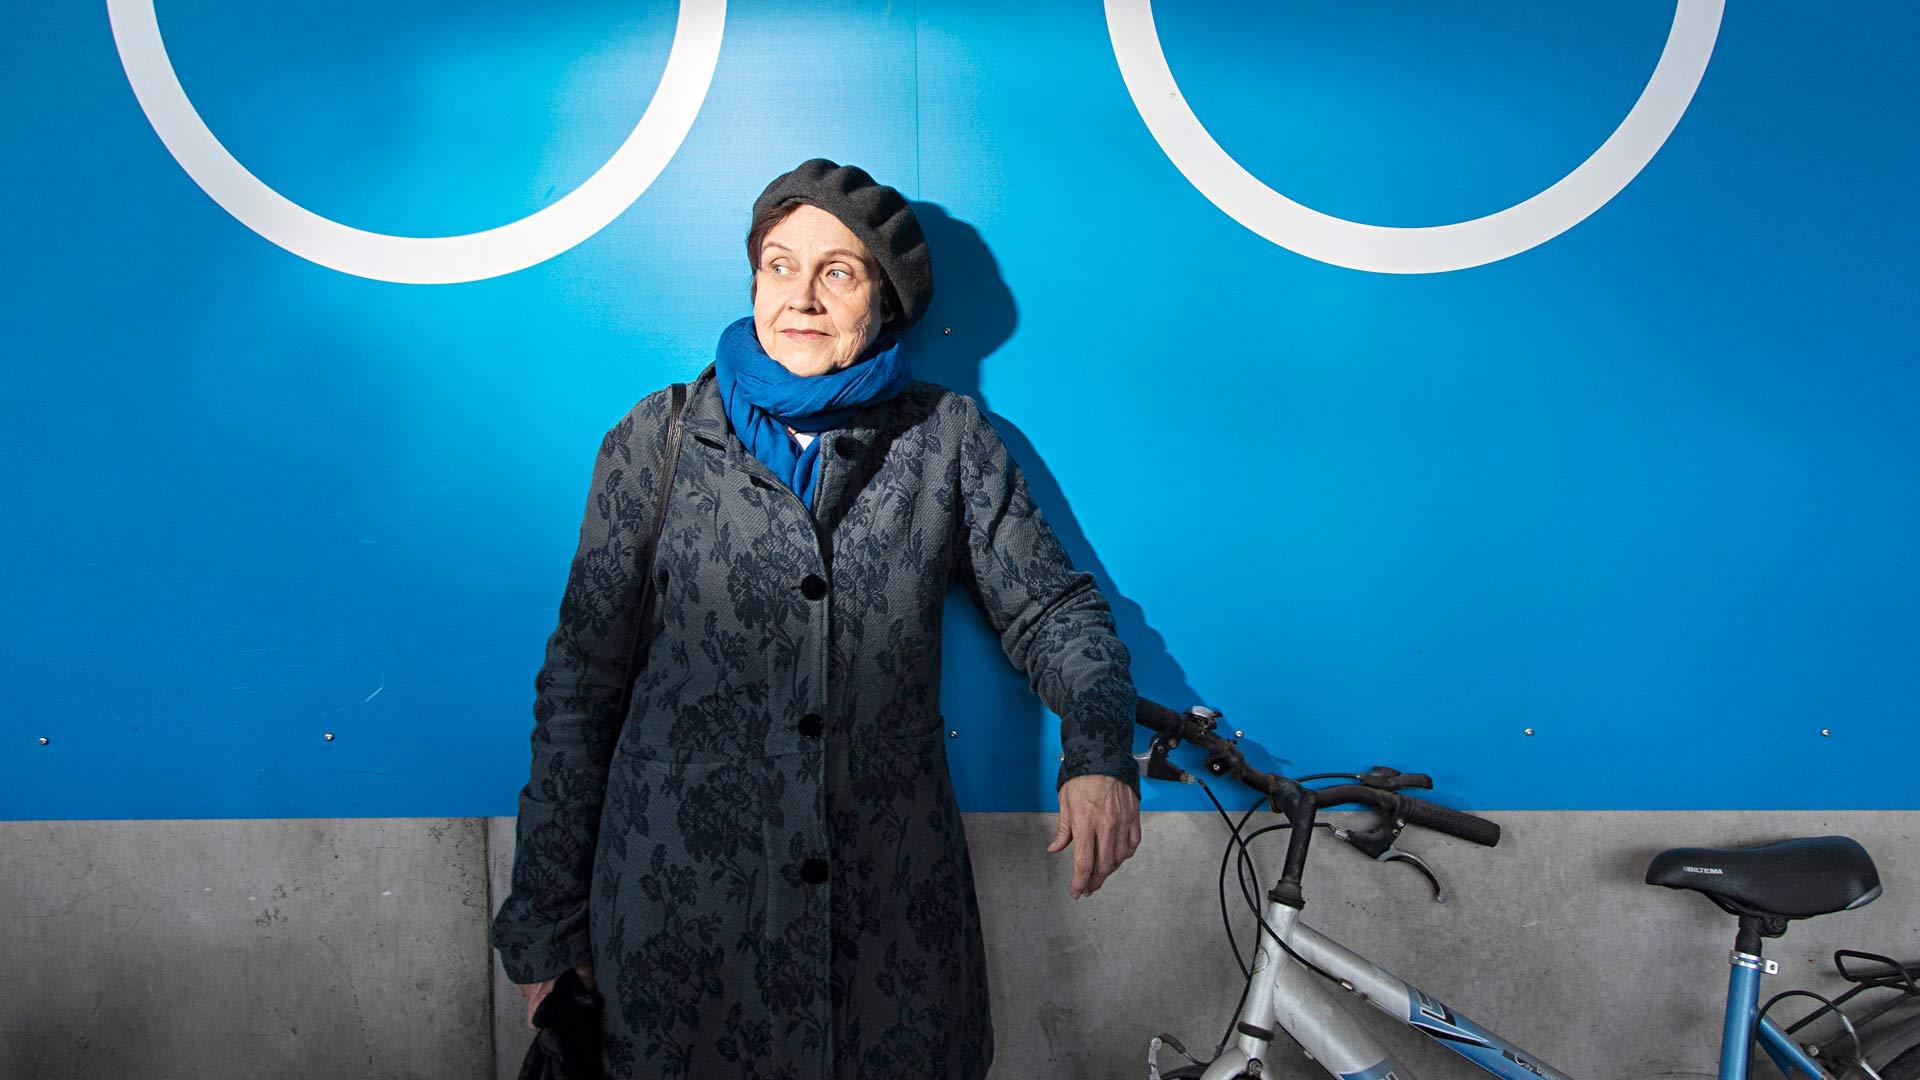 """Lihavuudella on niin voimakas stigma, että se jätti Virpi Hämeen-Anttilaan sitkeän jäljen. """"Minun on vieläkin vaikea täysin hyväksyä itseäni."""""""